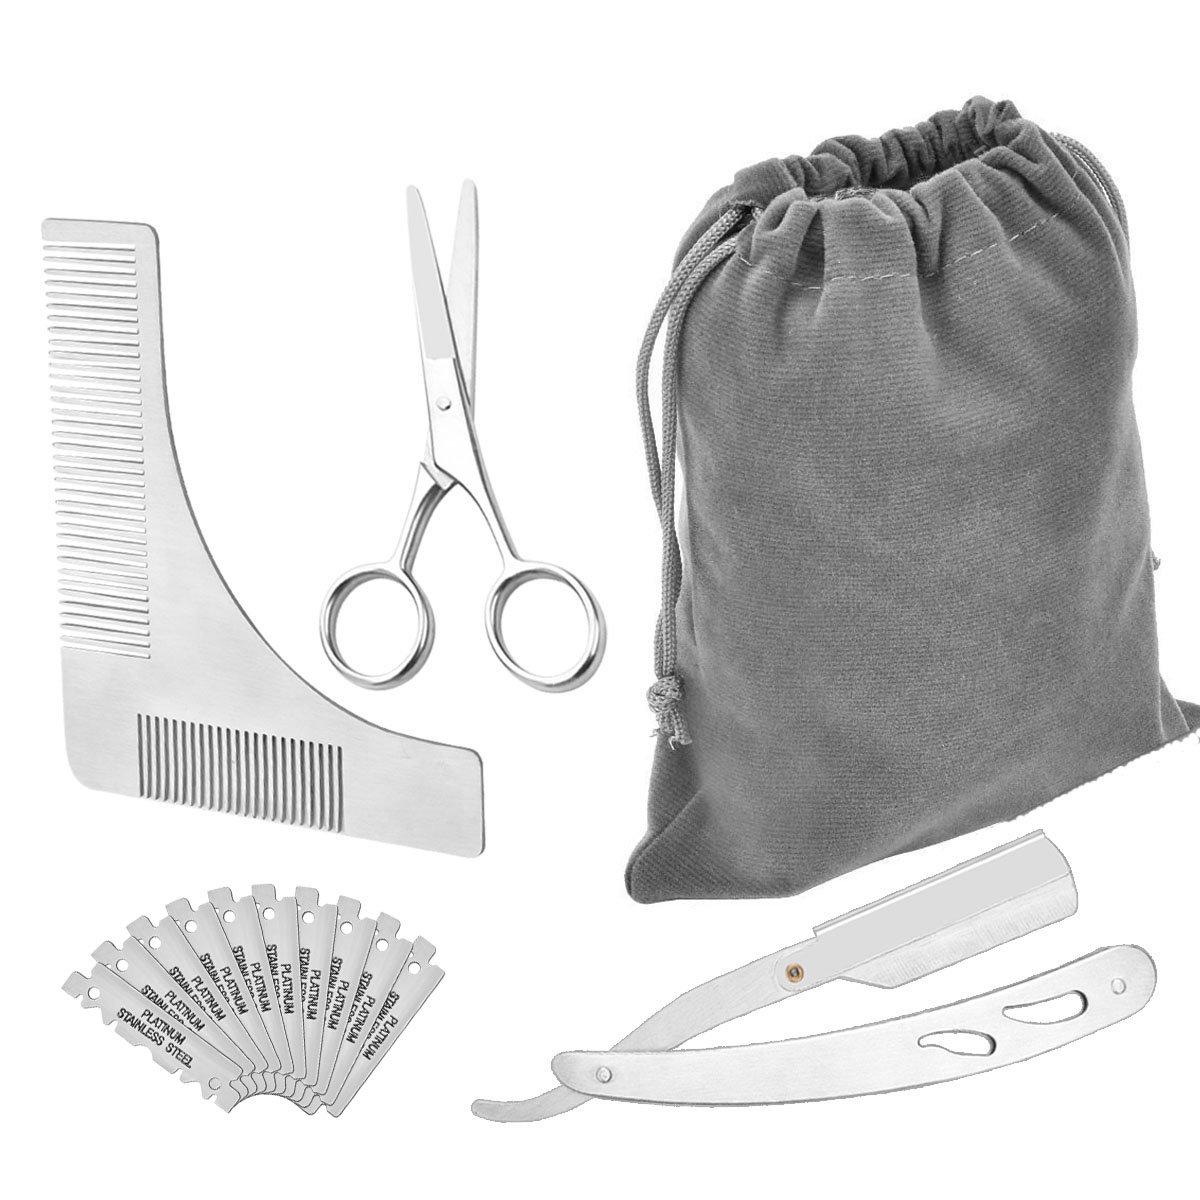 EEO Barbero Herramientas Kit con Barba Peine Plantilla, Tijera y Navaja de Afeitar - Incluyendo hojas de 10pcs leeo store